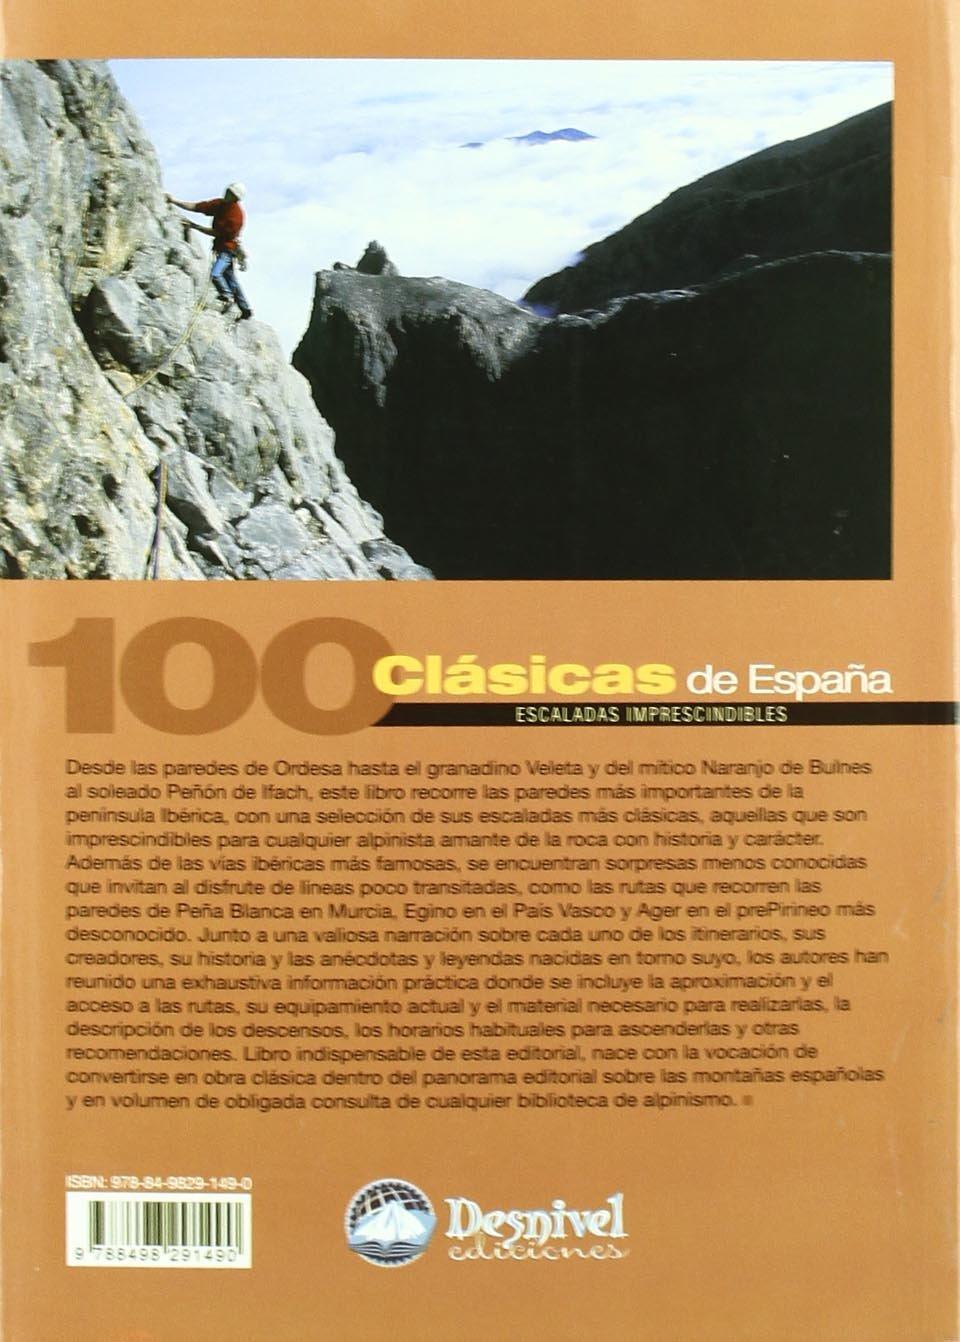 100 clásicas de españa. Escaladas imprescindibles Grandes ...